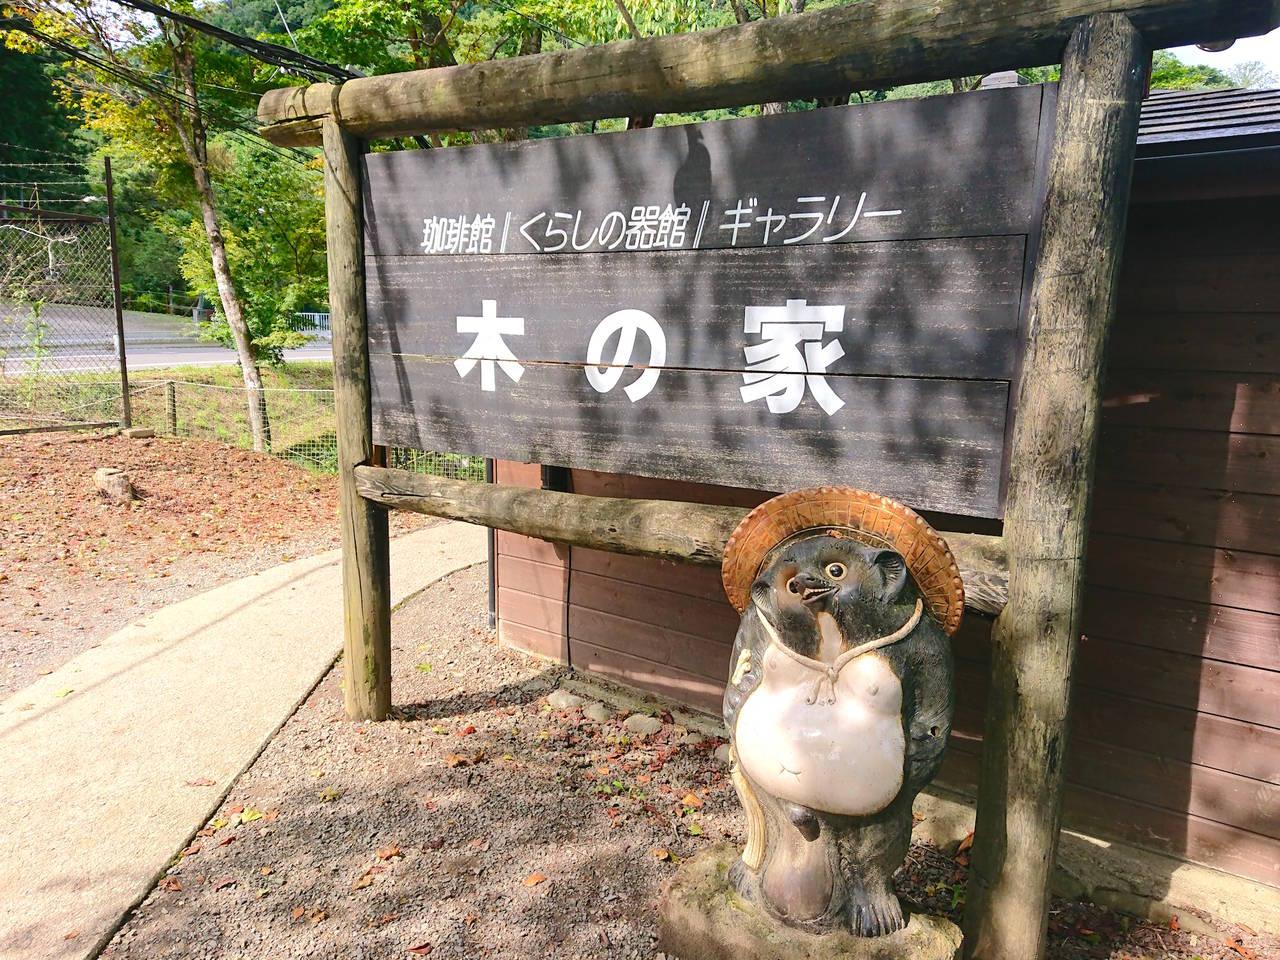 【仙台】ロッジで楽しむいも煮会と幻想的な秋を満喫出来る「木の家」